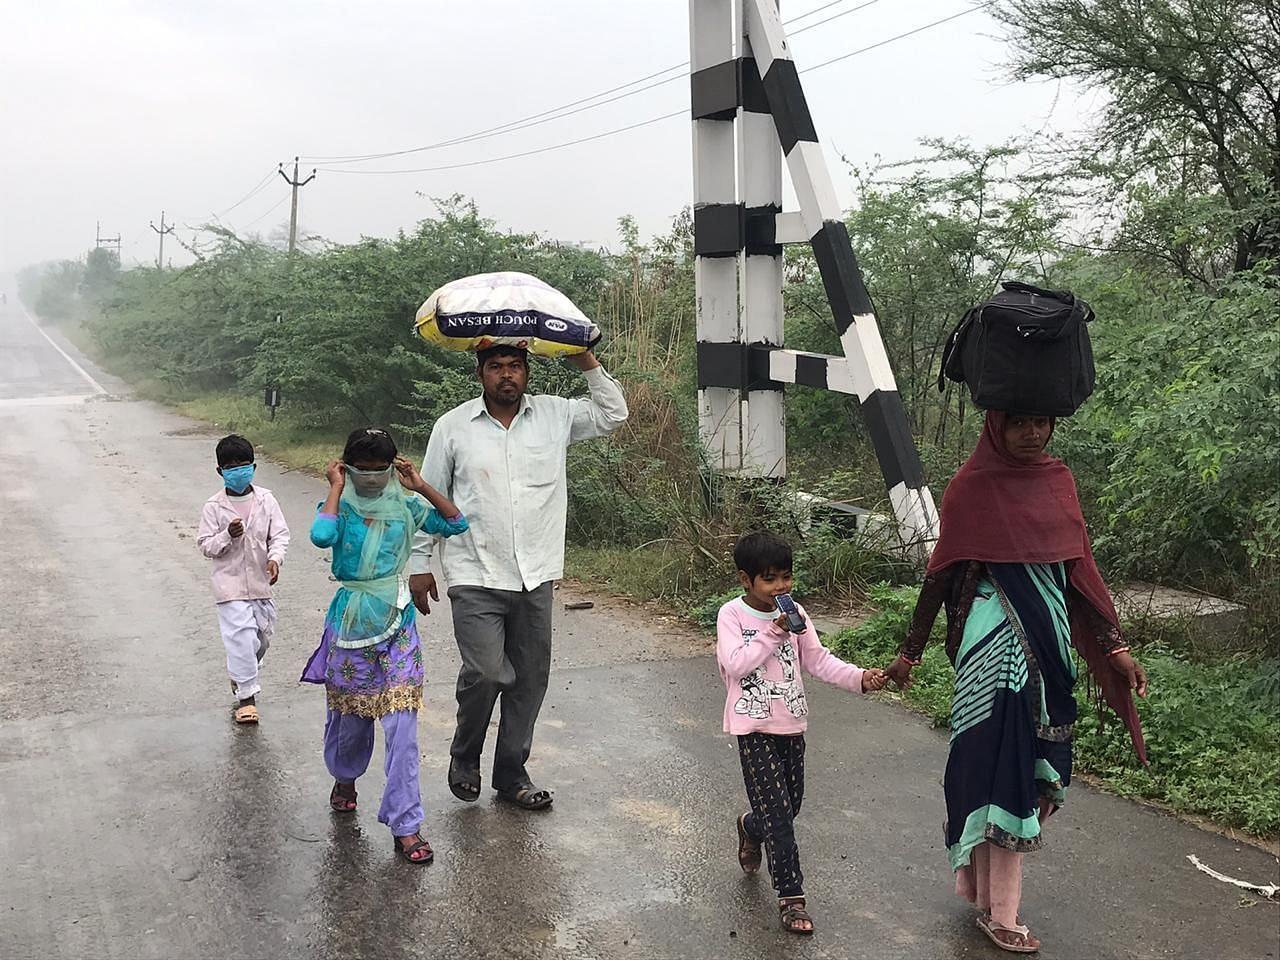 अपने परिवार के साथ यूपी के लिए पैदल जाते लोग।